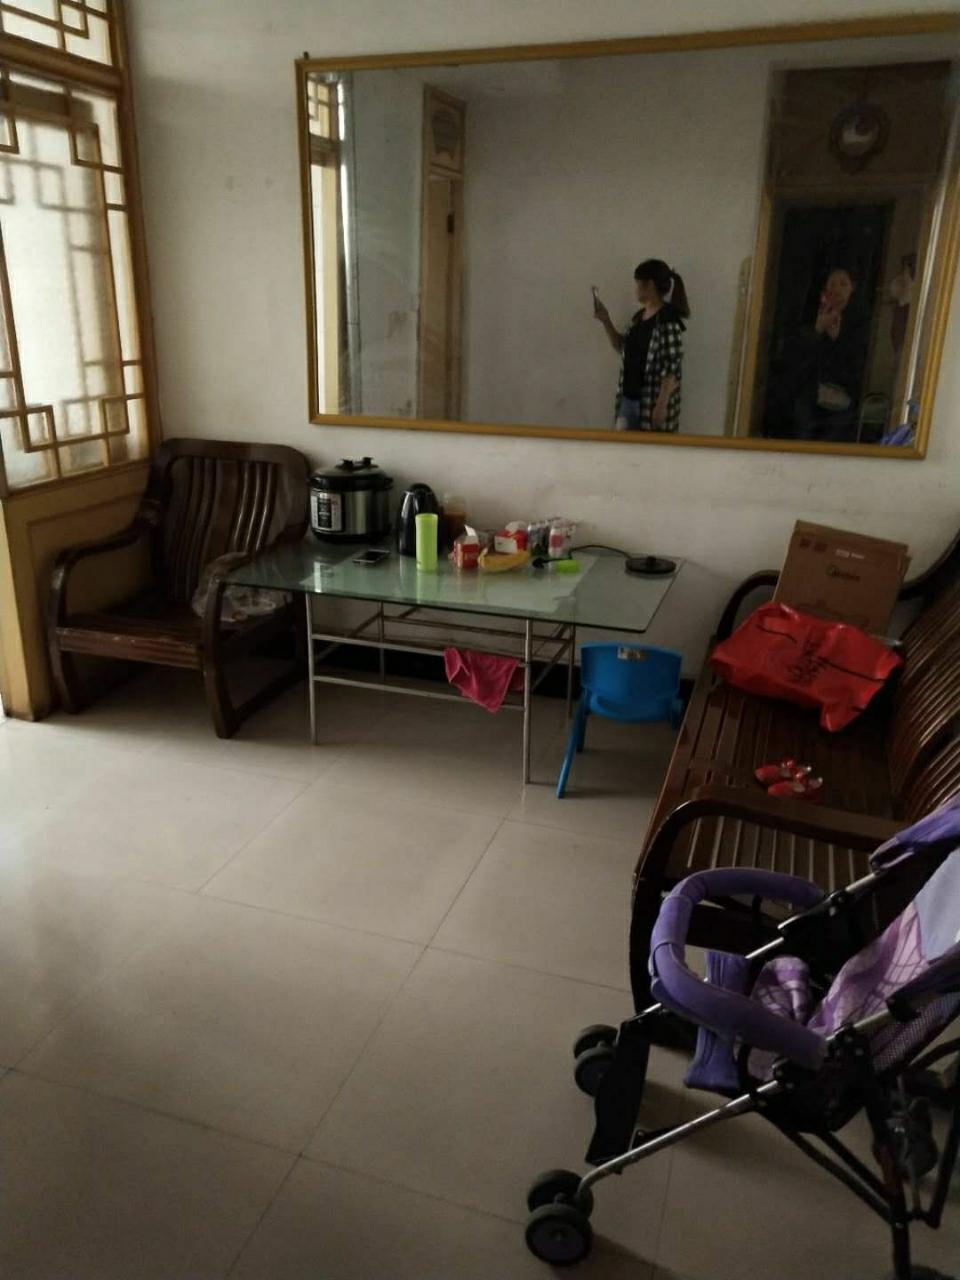 蓝关镇家属楼2室 2厅 1卫32万元